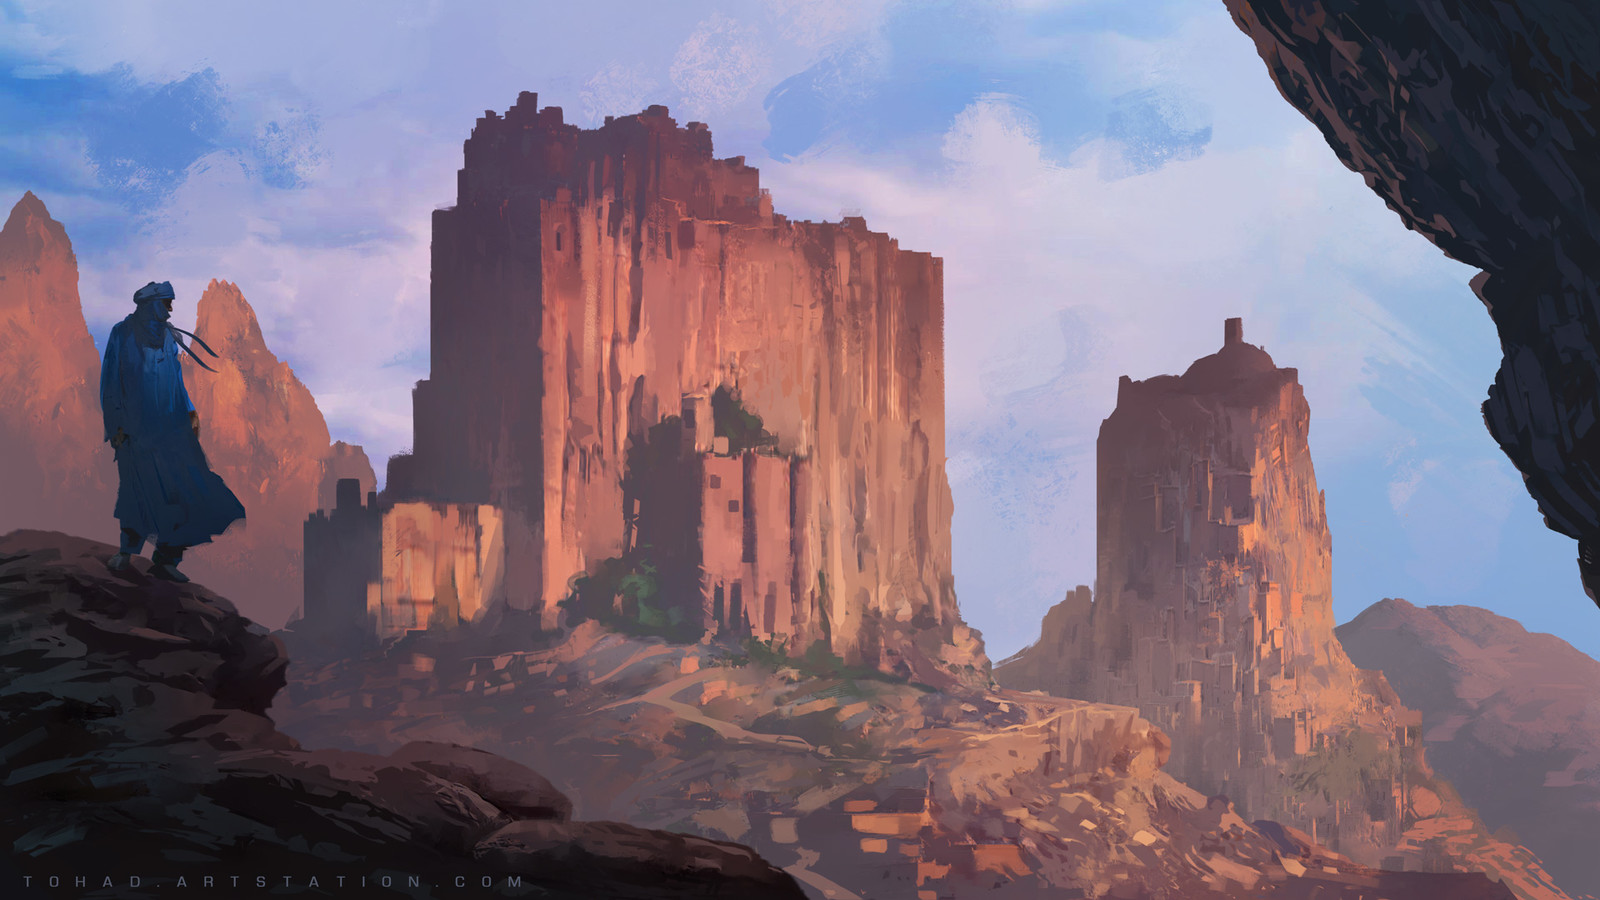 Pillars of the sun